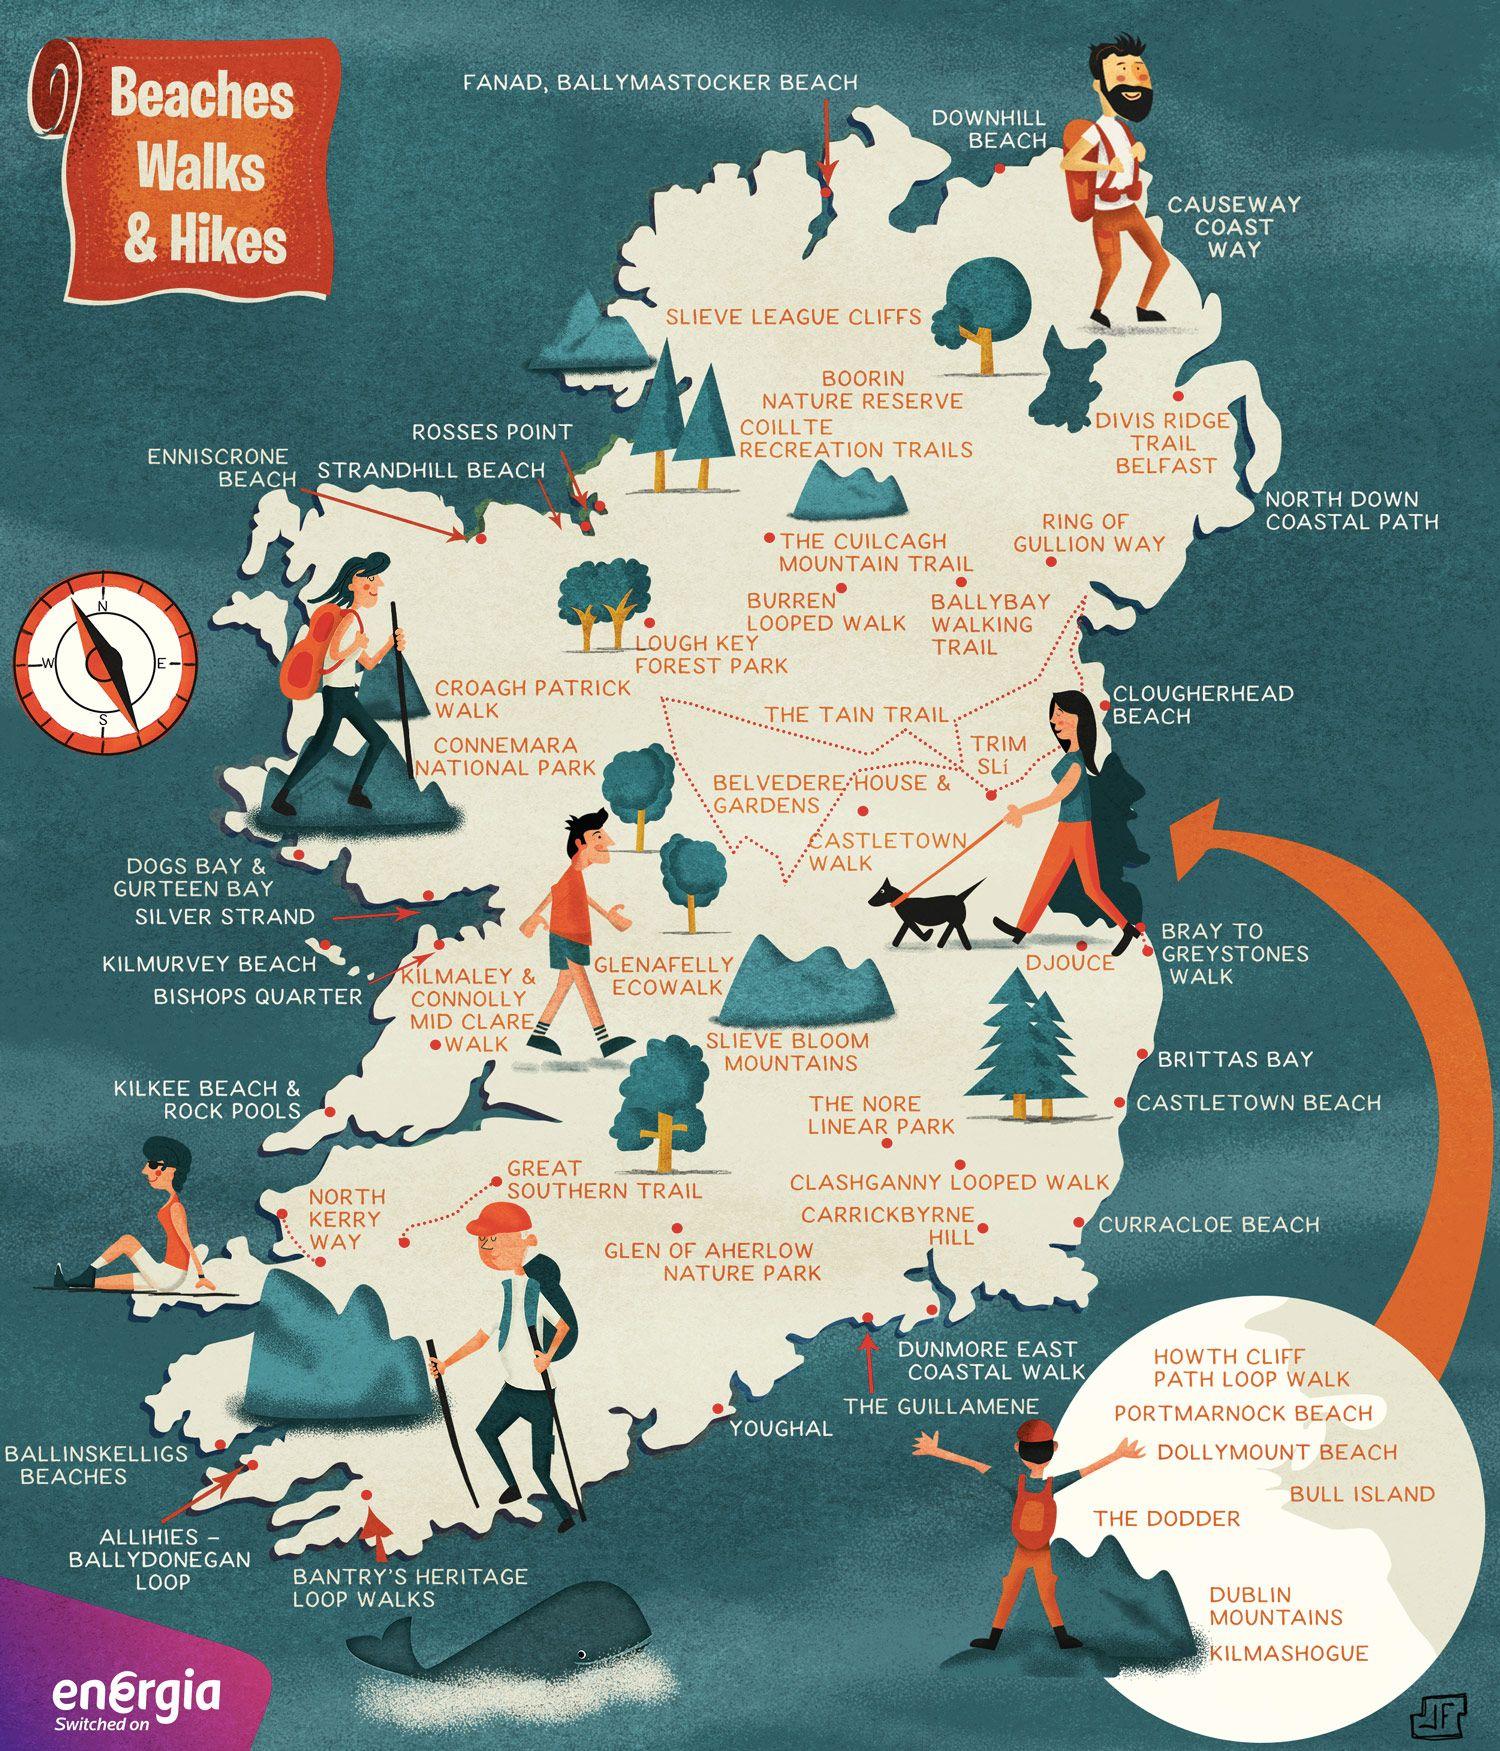 Die Besten Wanderungen Und Schonsten Strande In Irland Irland